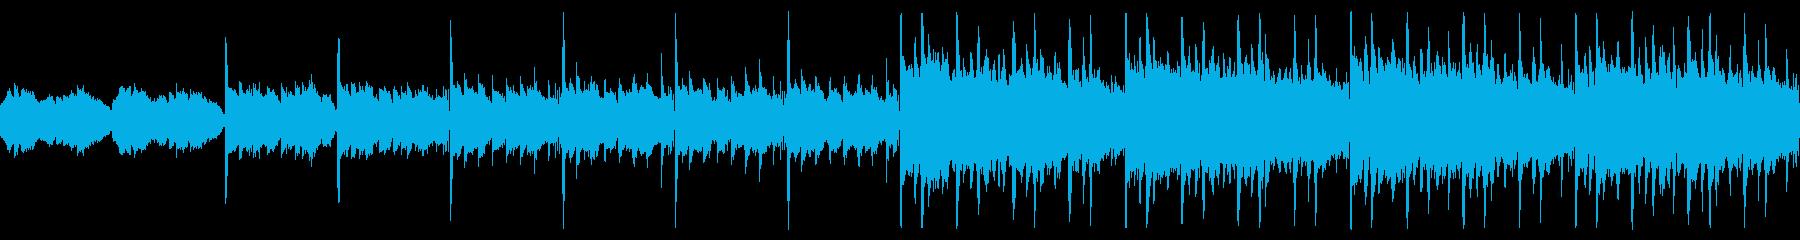 緊迫・不穏な雰囲気のBGMの再生済みの波形